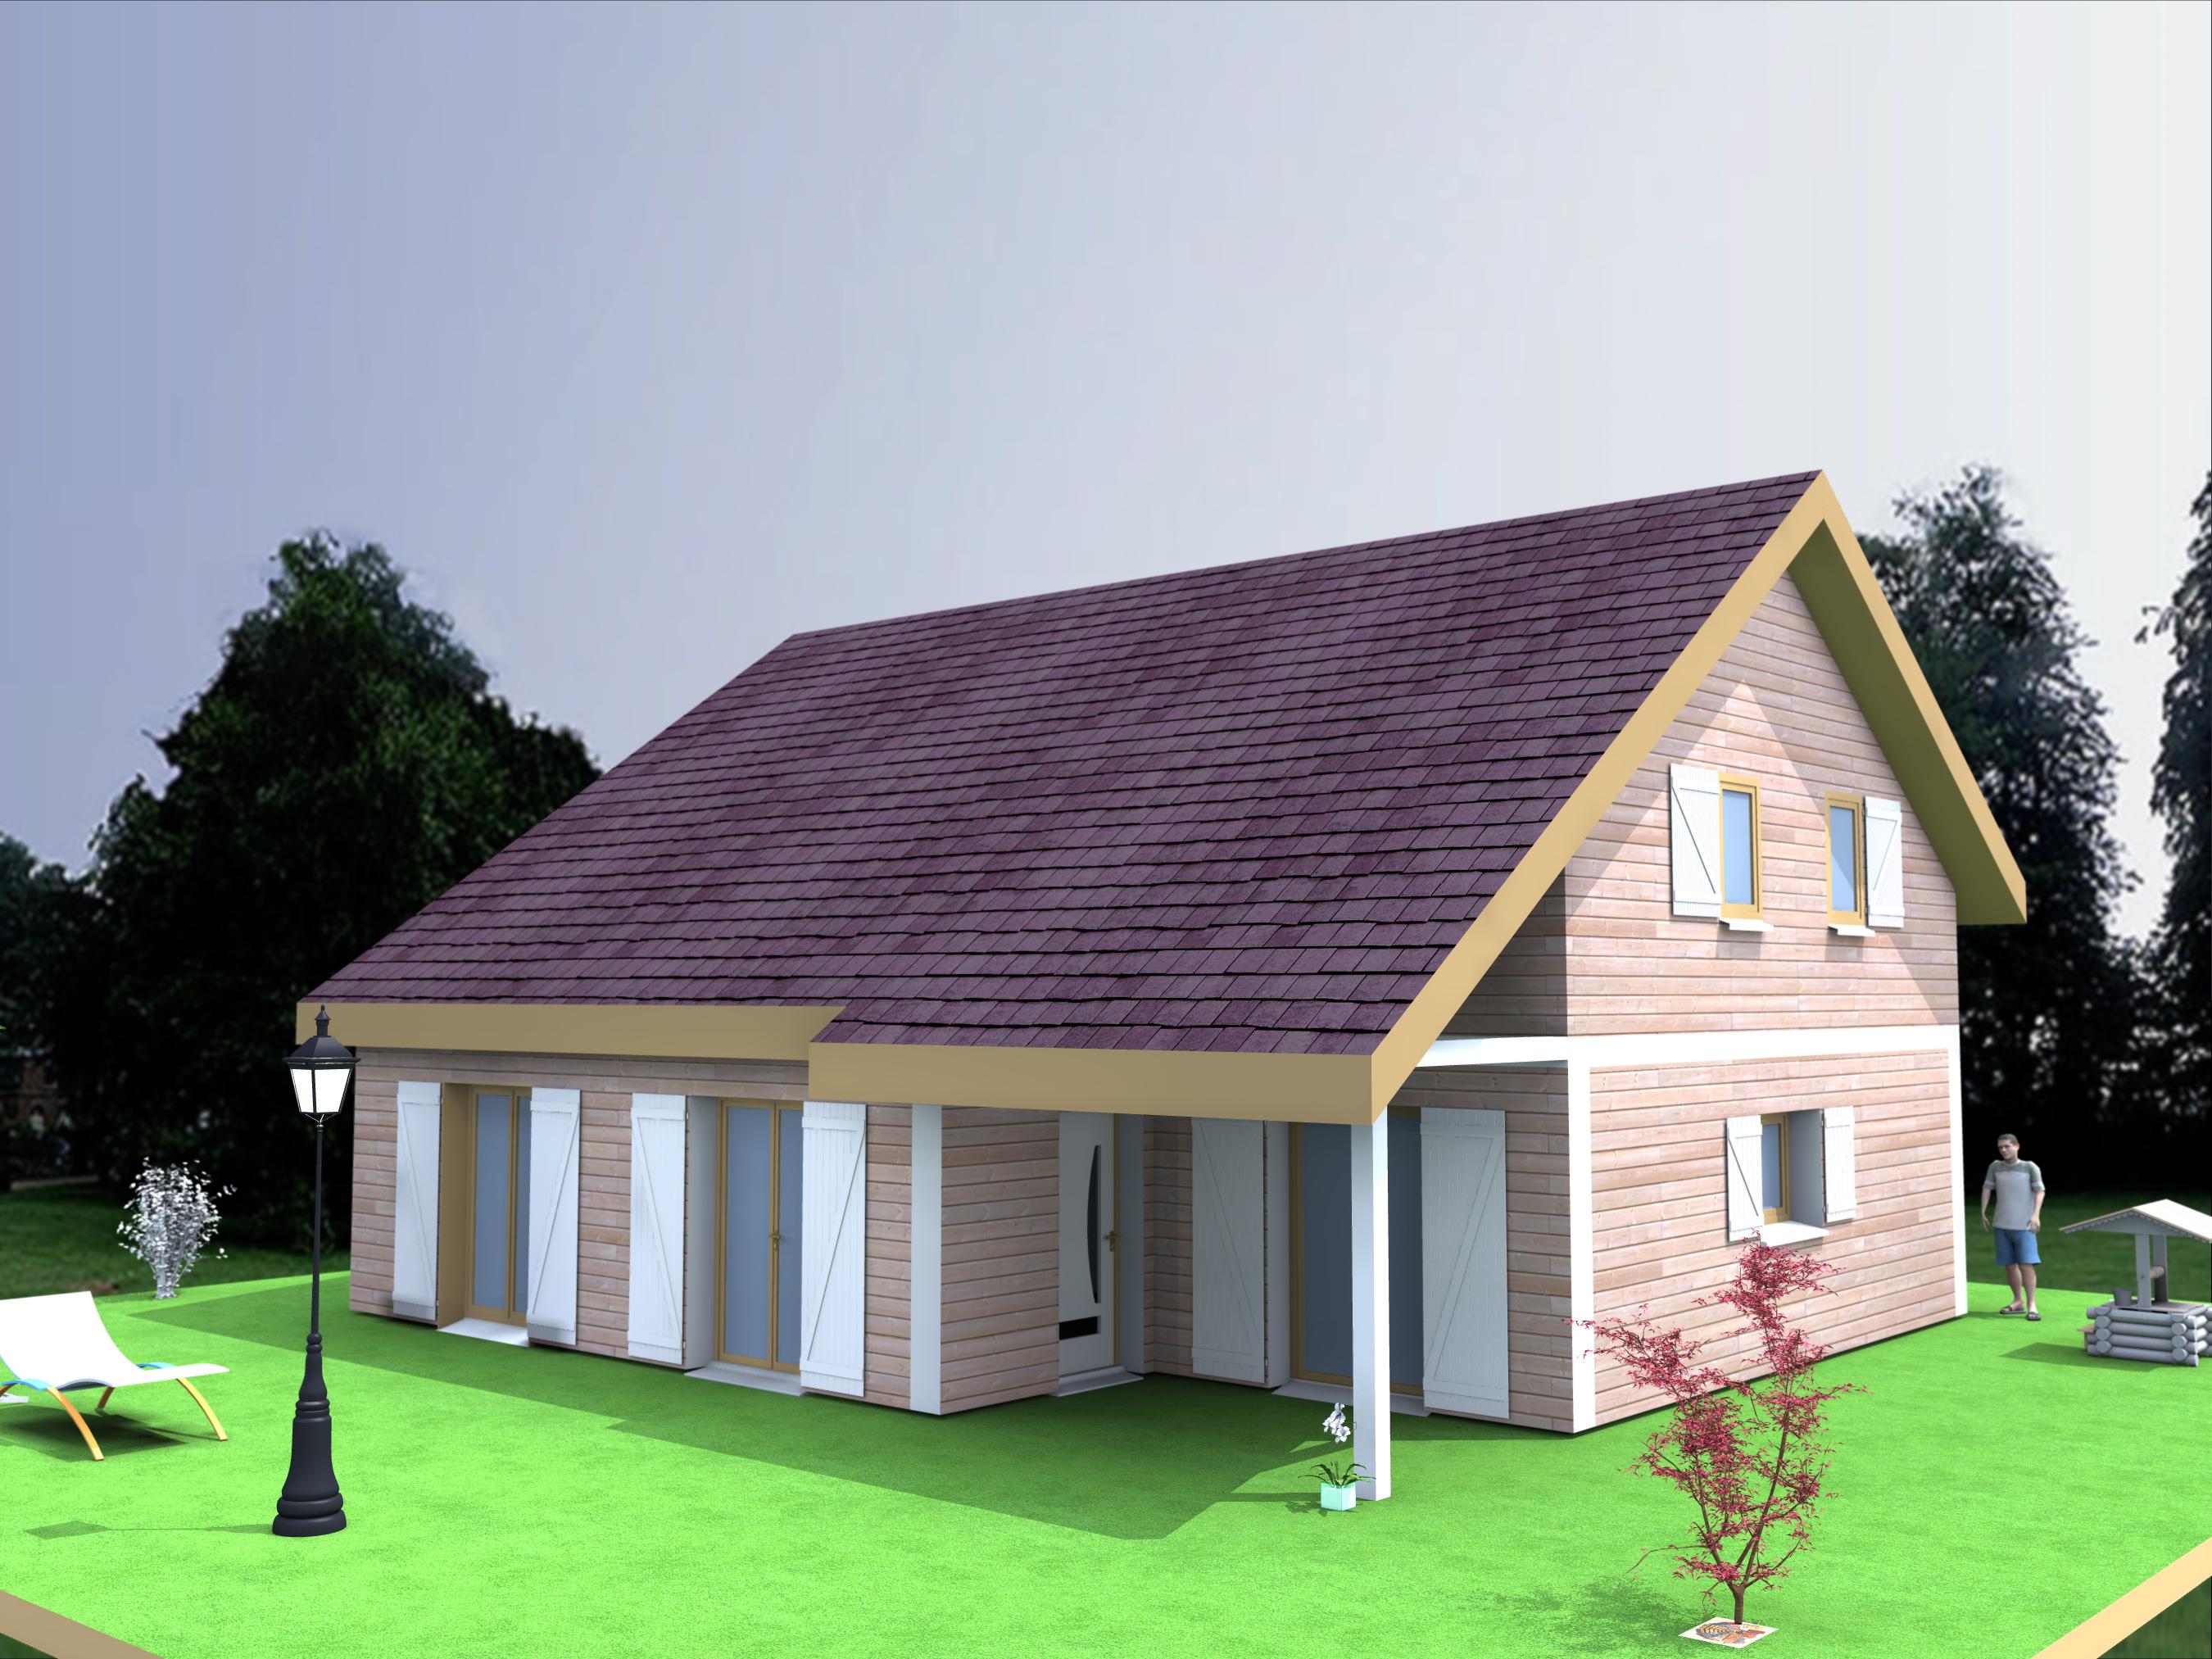 Maison à étage modèle DYNA